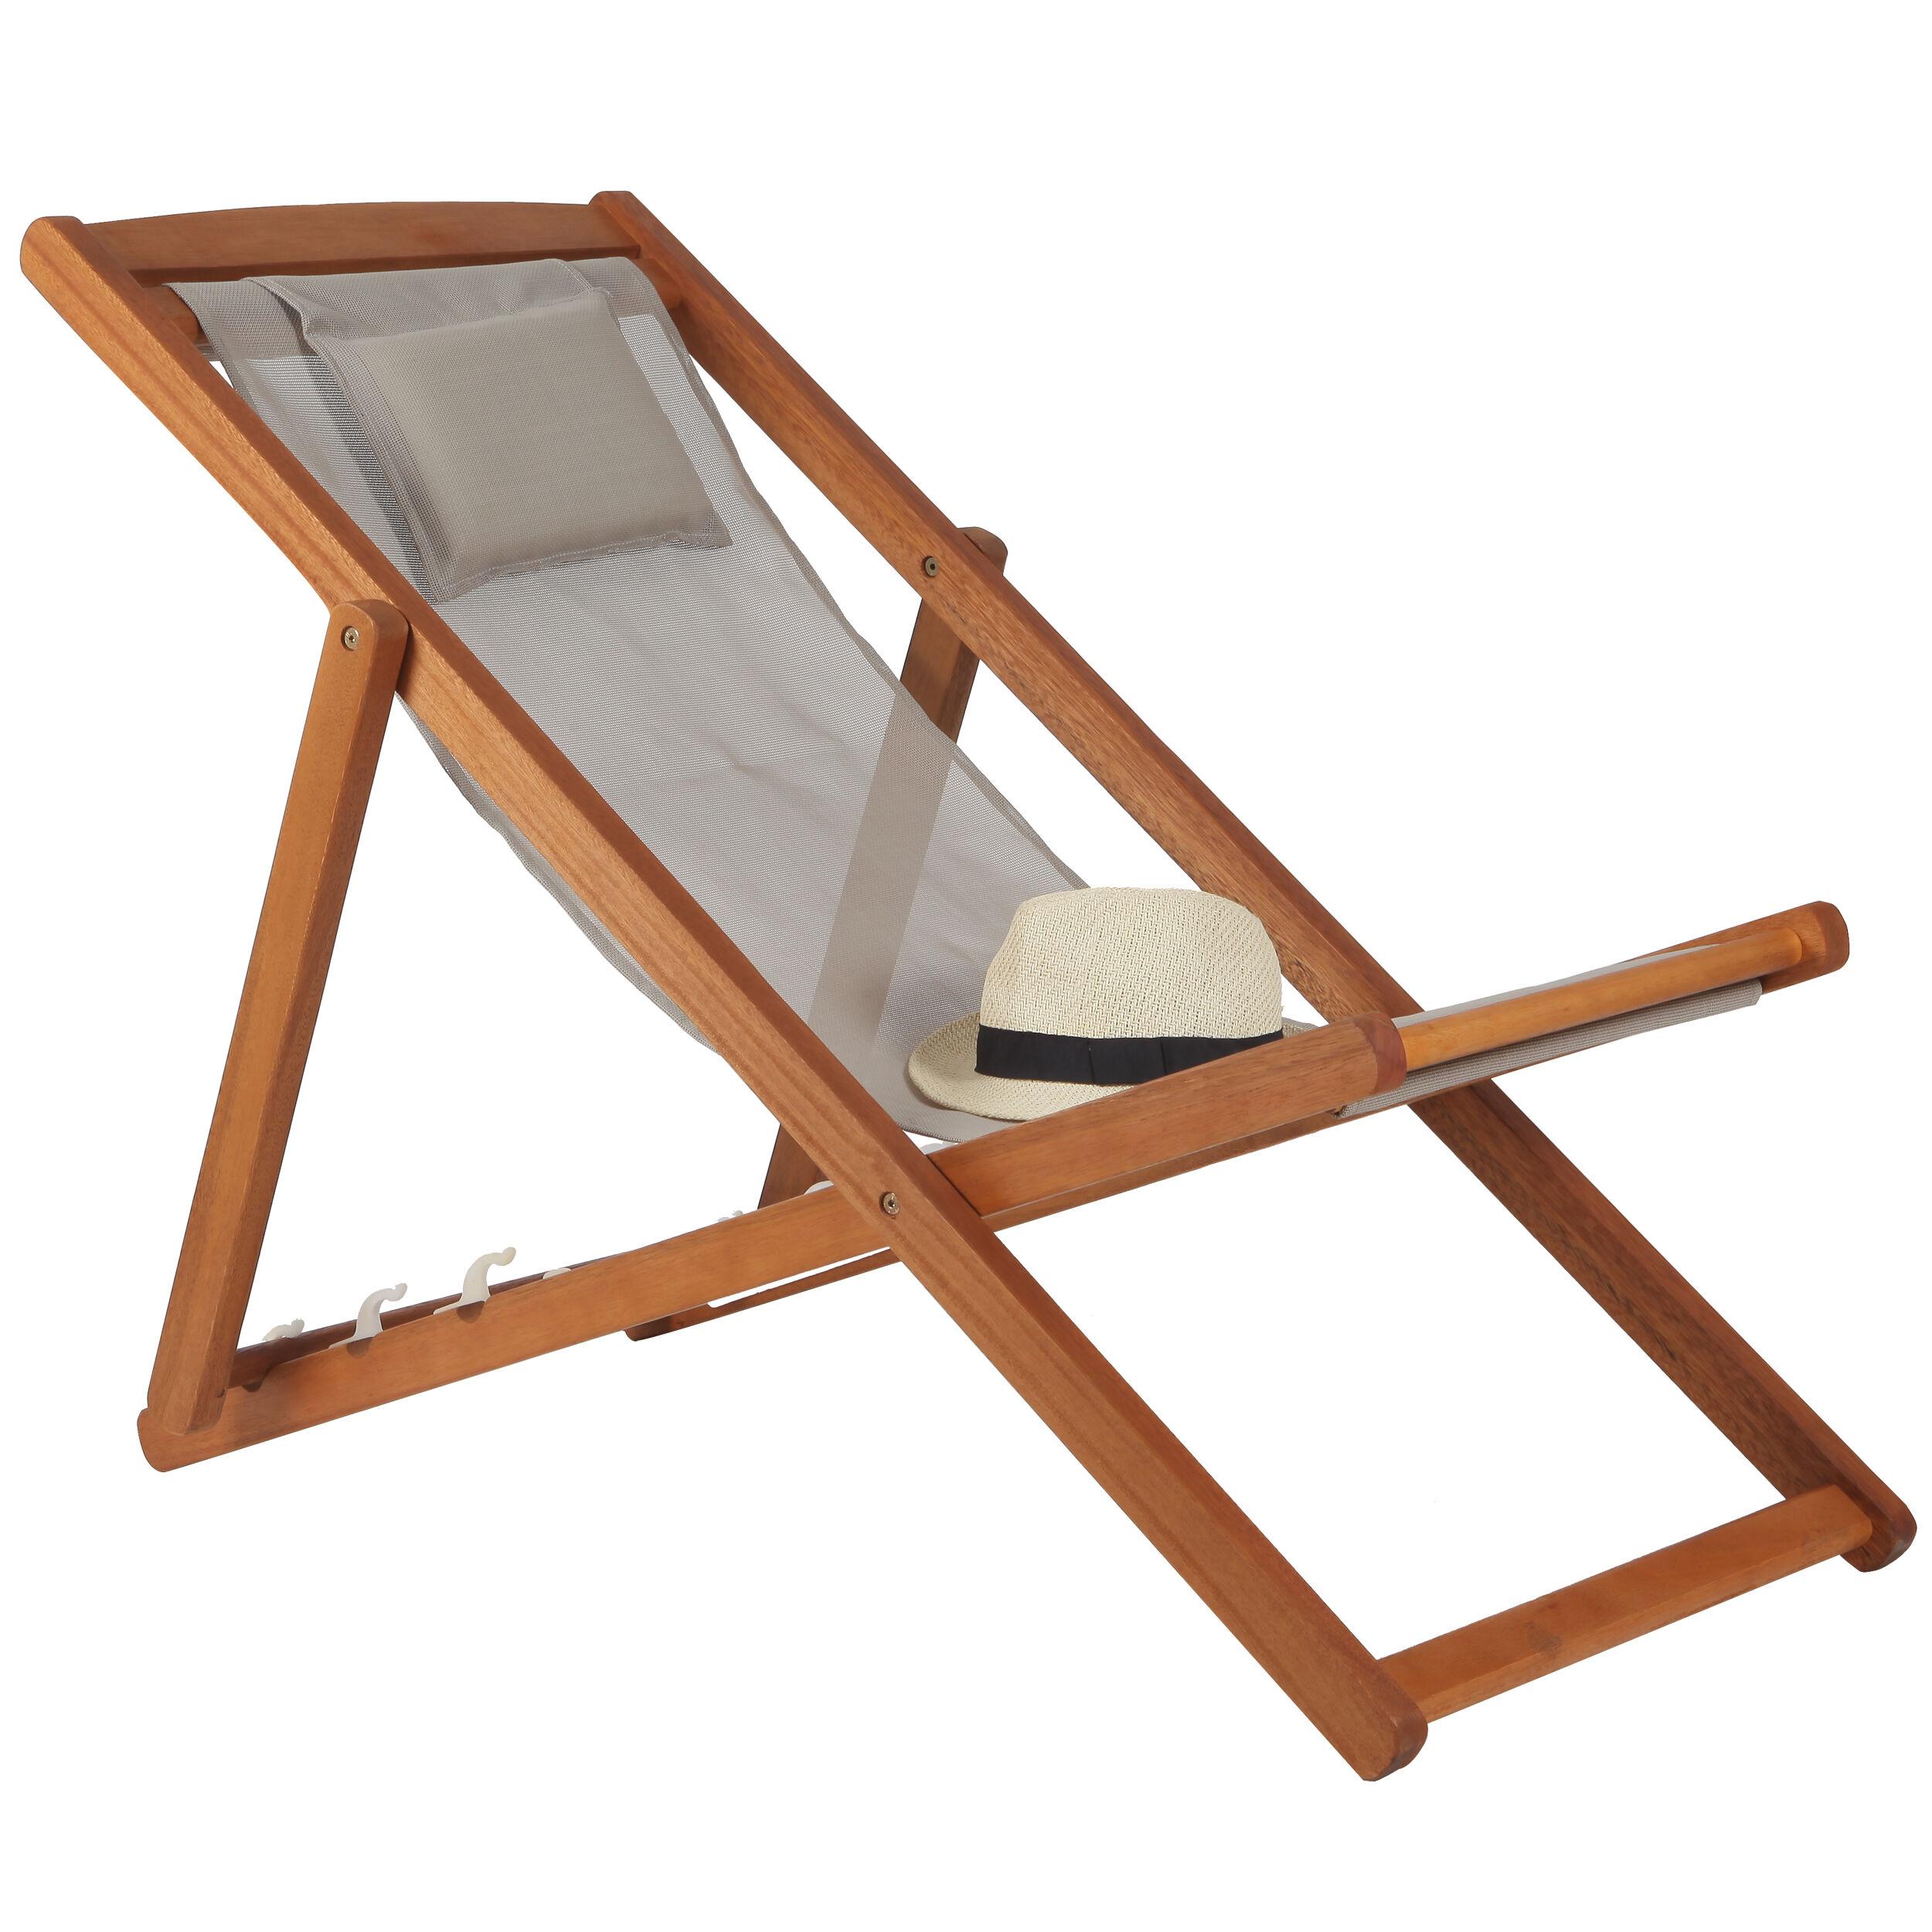 Rendez vous déco Chaise longue Panama taupe en bois